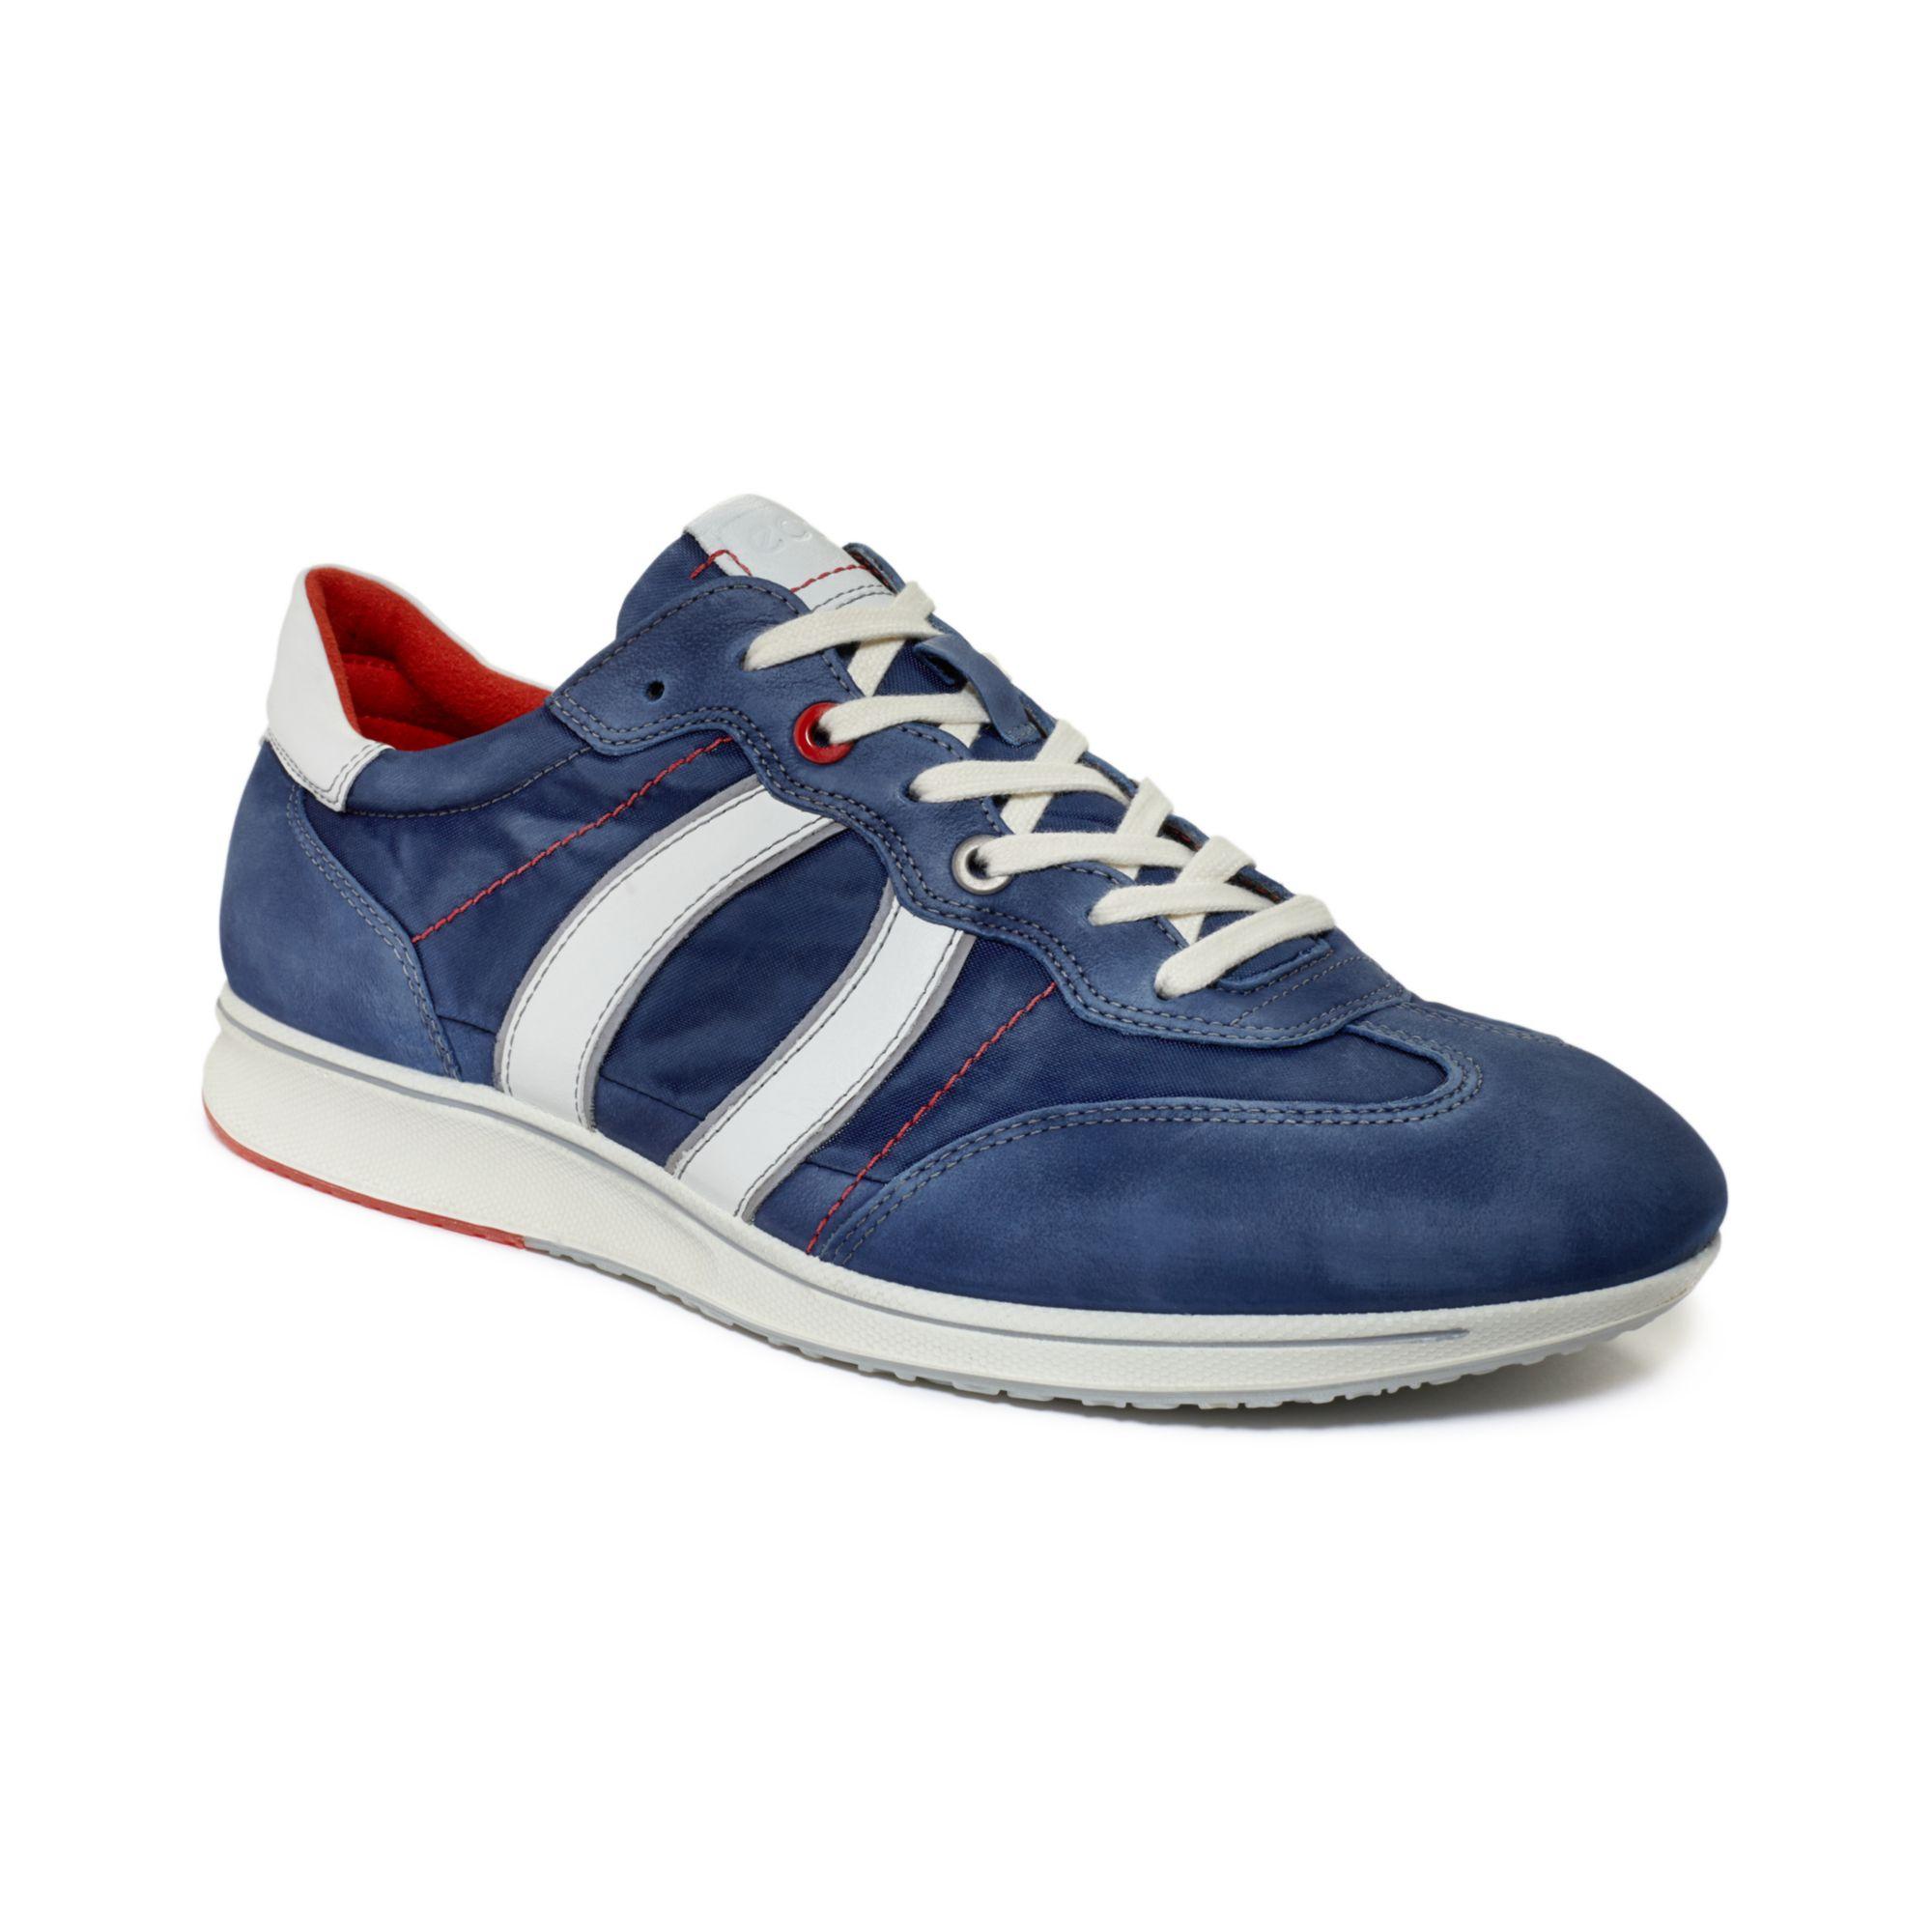 Ecco Blue Shoes